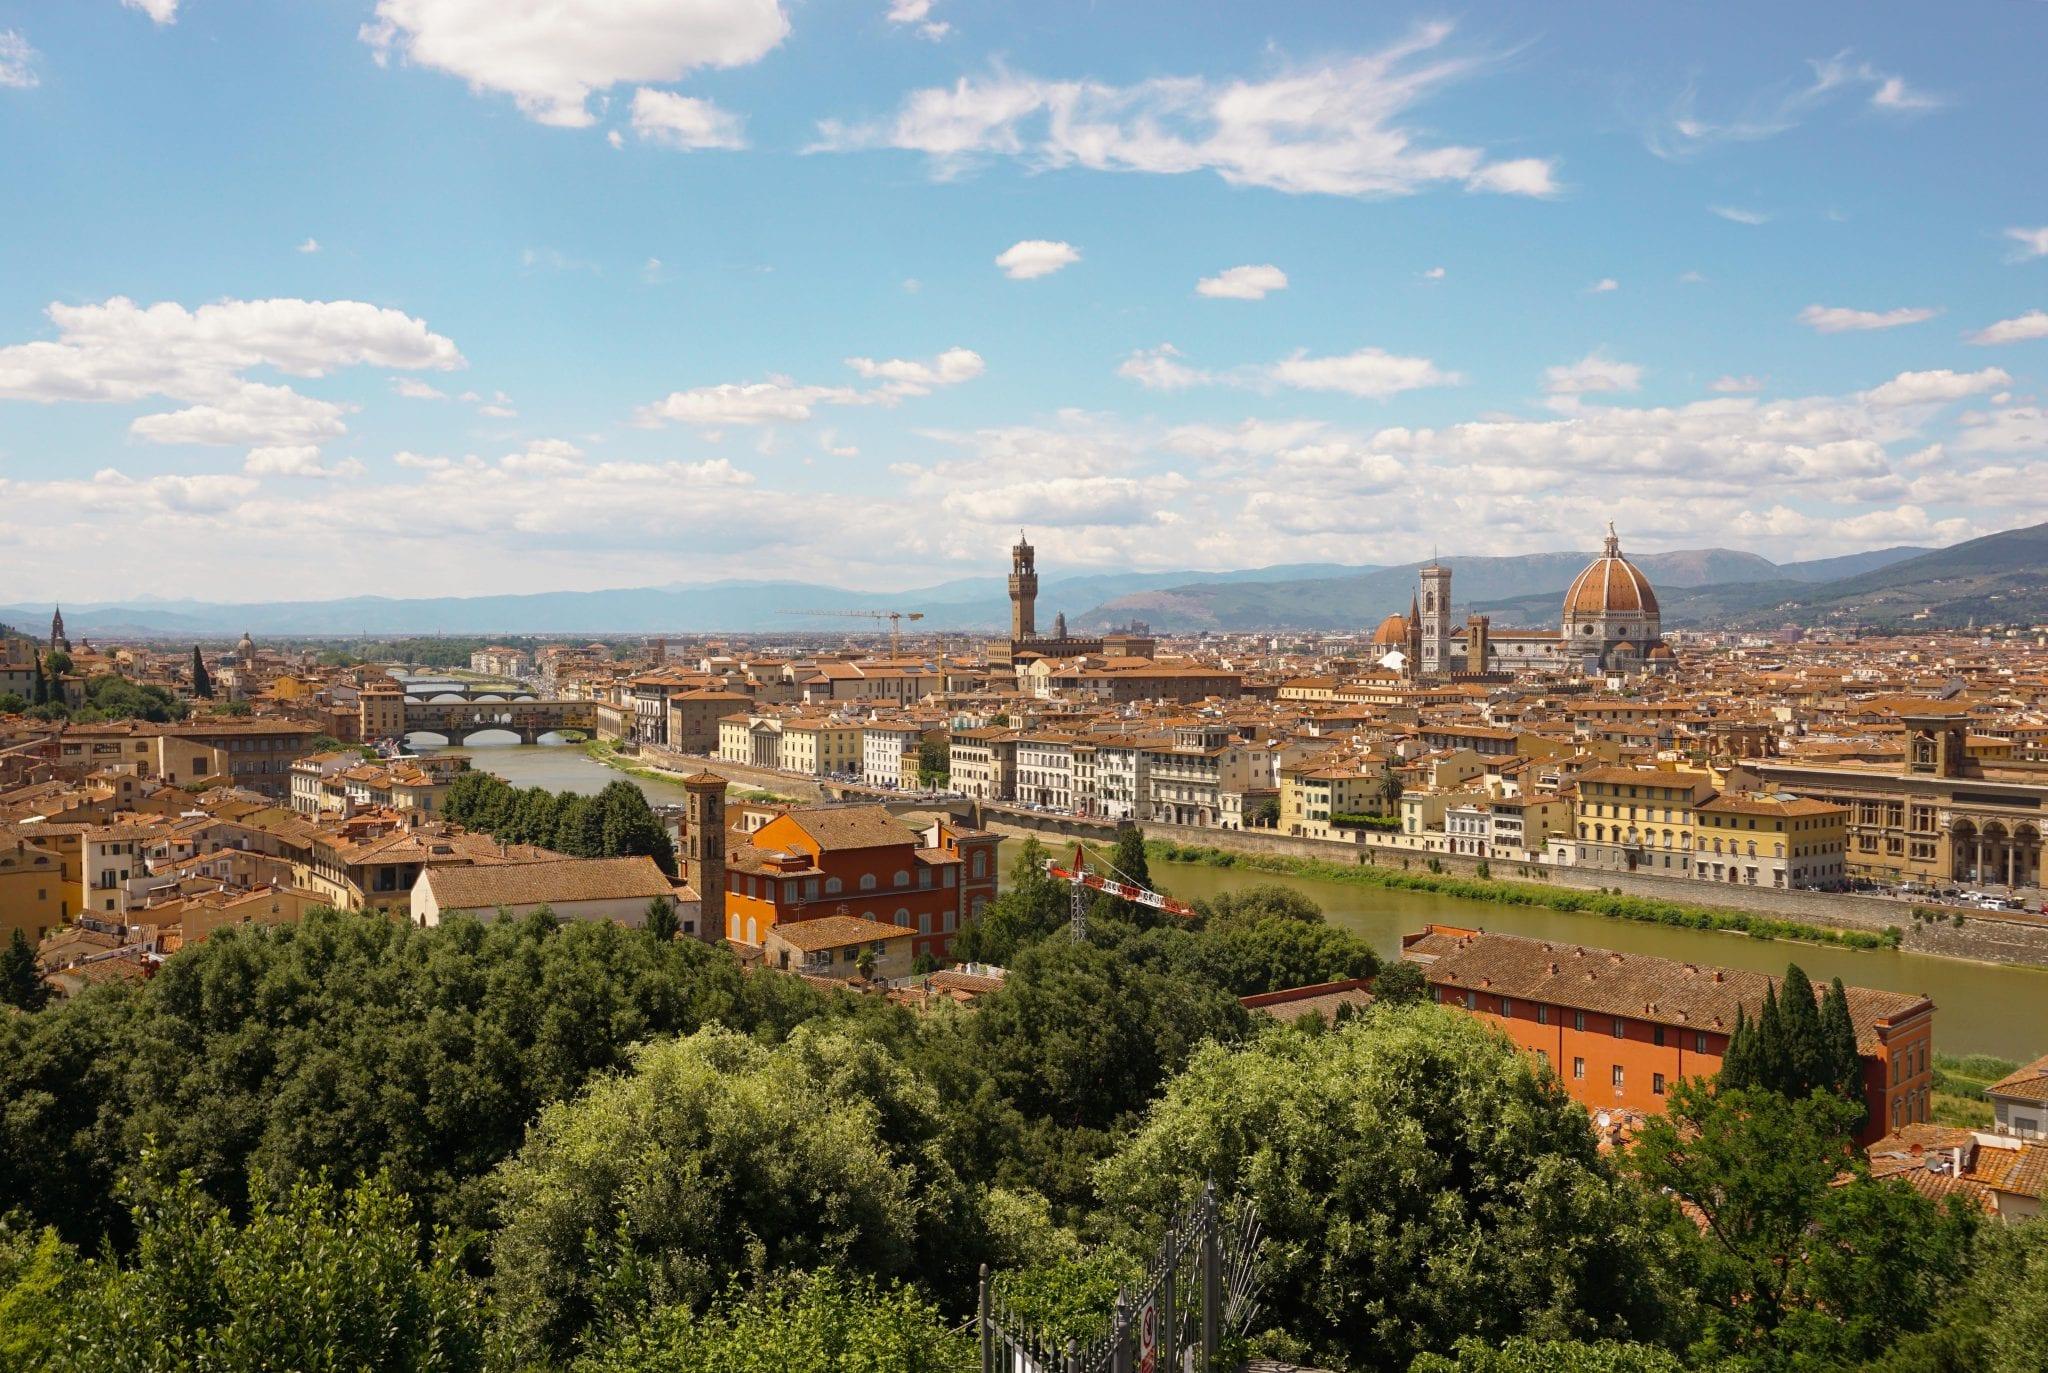 Bezienswaardigheden in Florence in 1 dag – Stedentrip